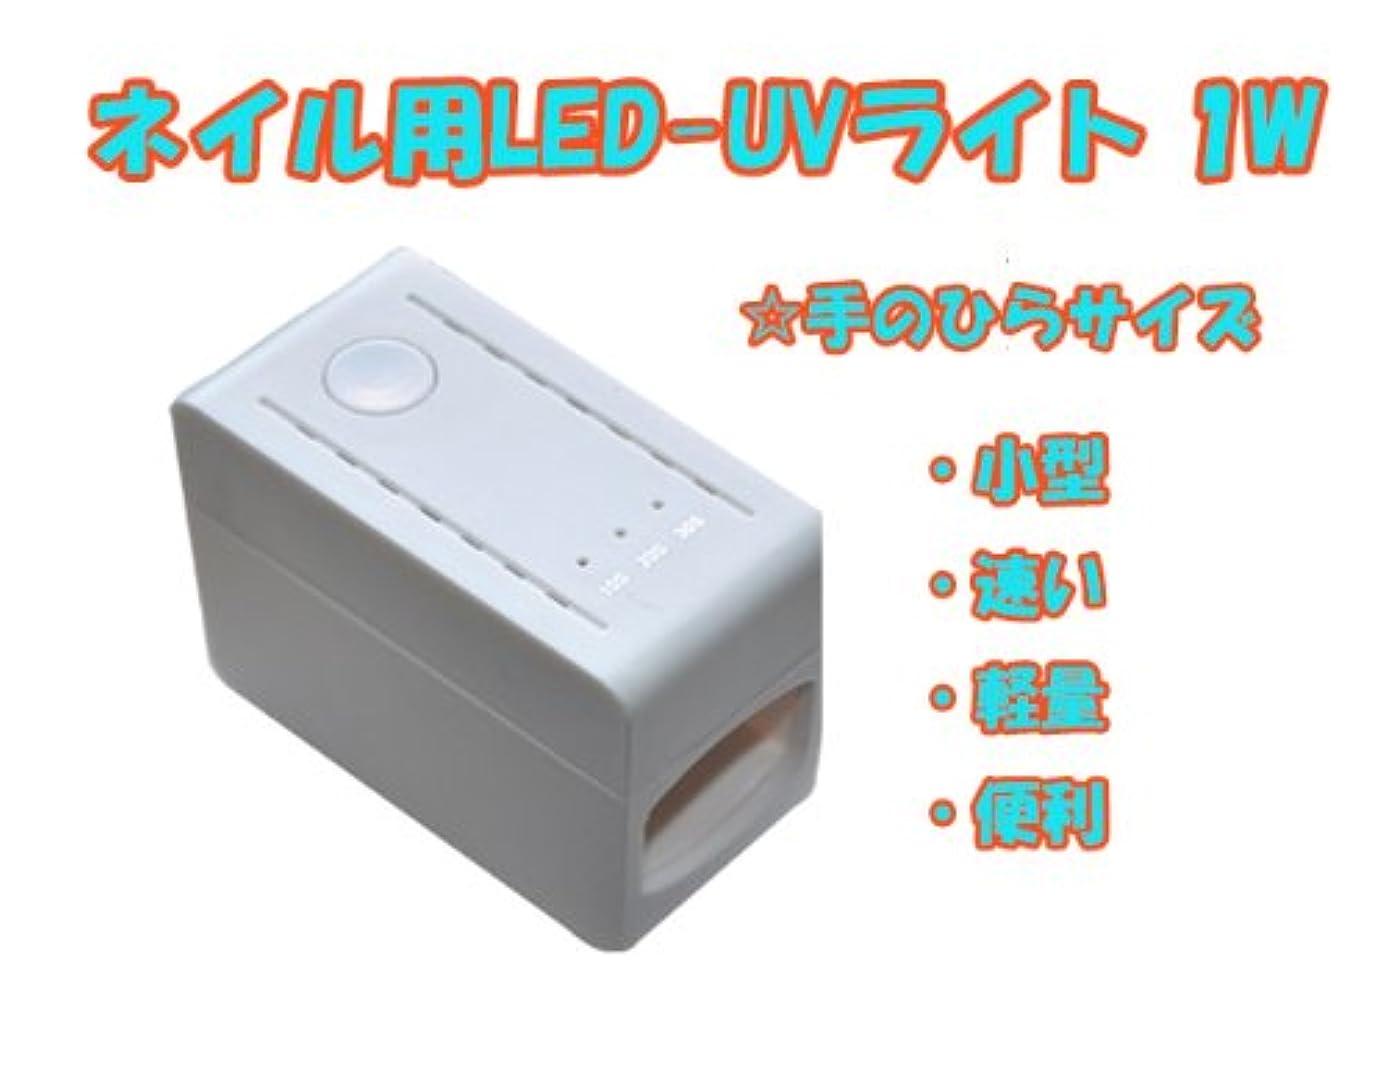 プレゼン省市長【新入荷】【即納】コンパクトサイズのネイル用LED-UVライト 1W /タイマー付き もれなくカラージェル5g(LED&UV両方対応)一個お付けいたします(カラーはスタッフにお任せ下さい)